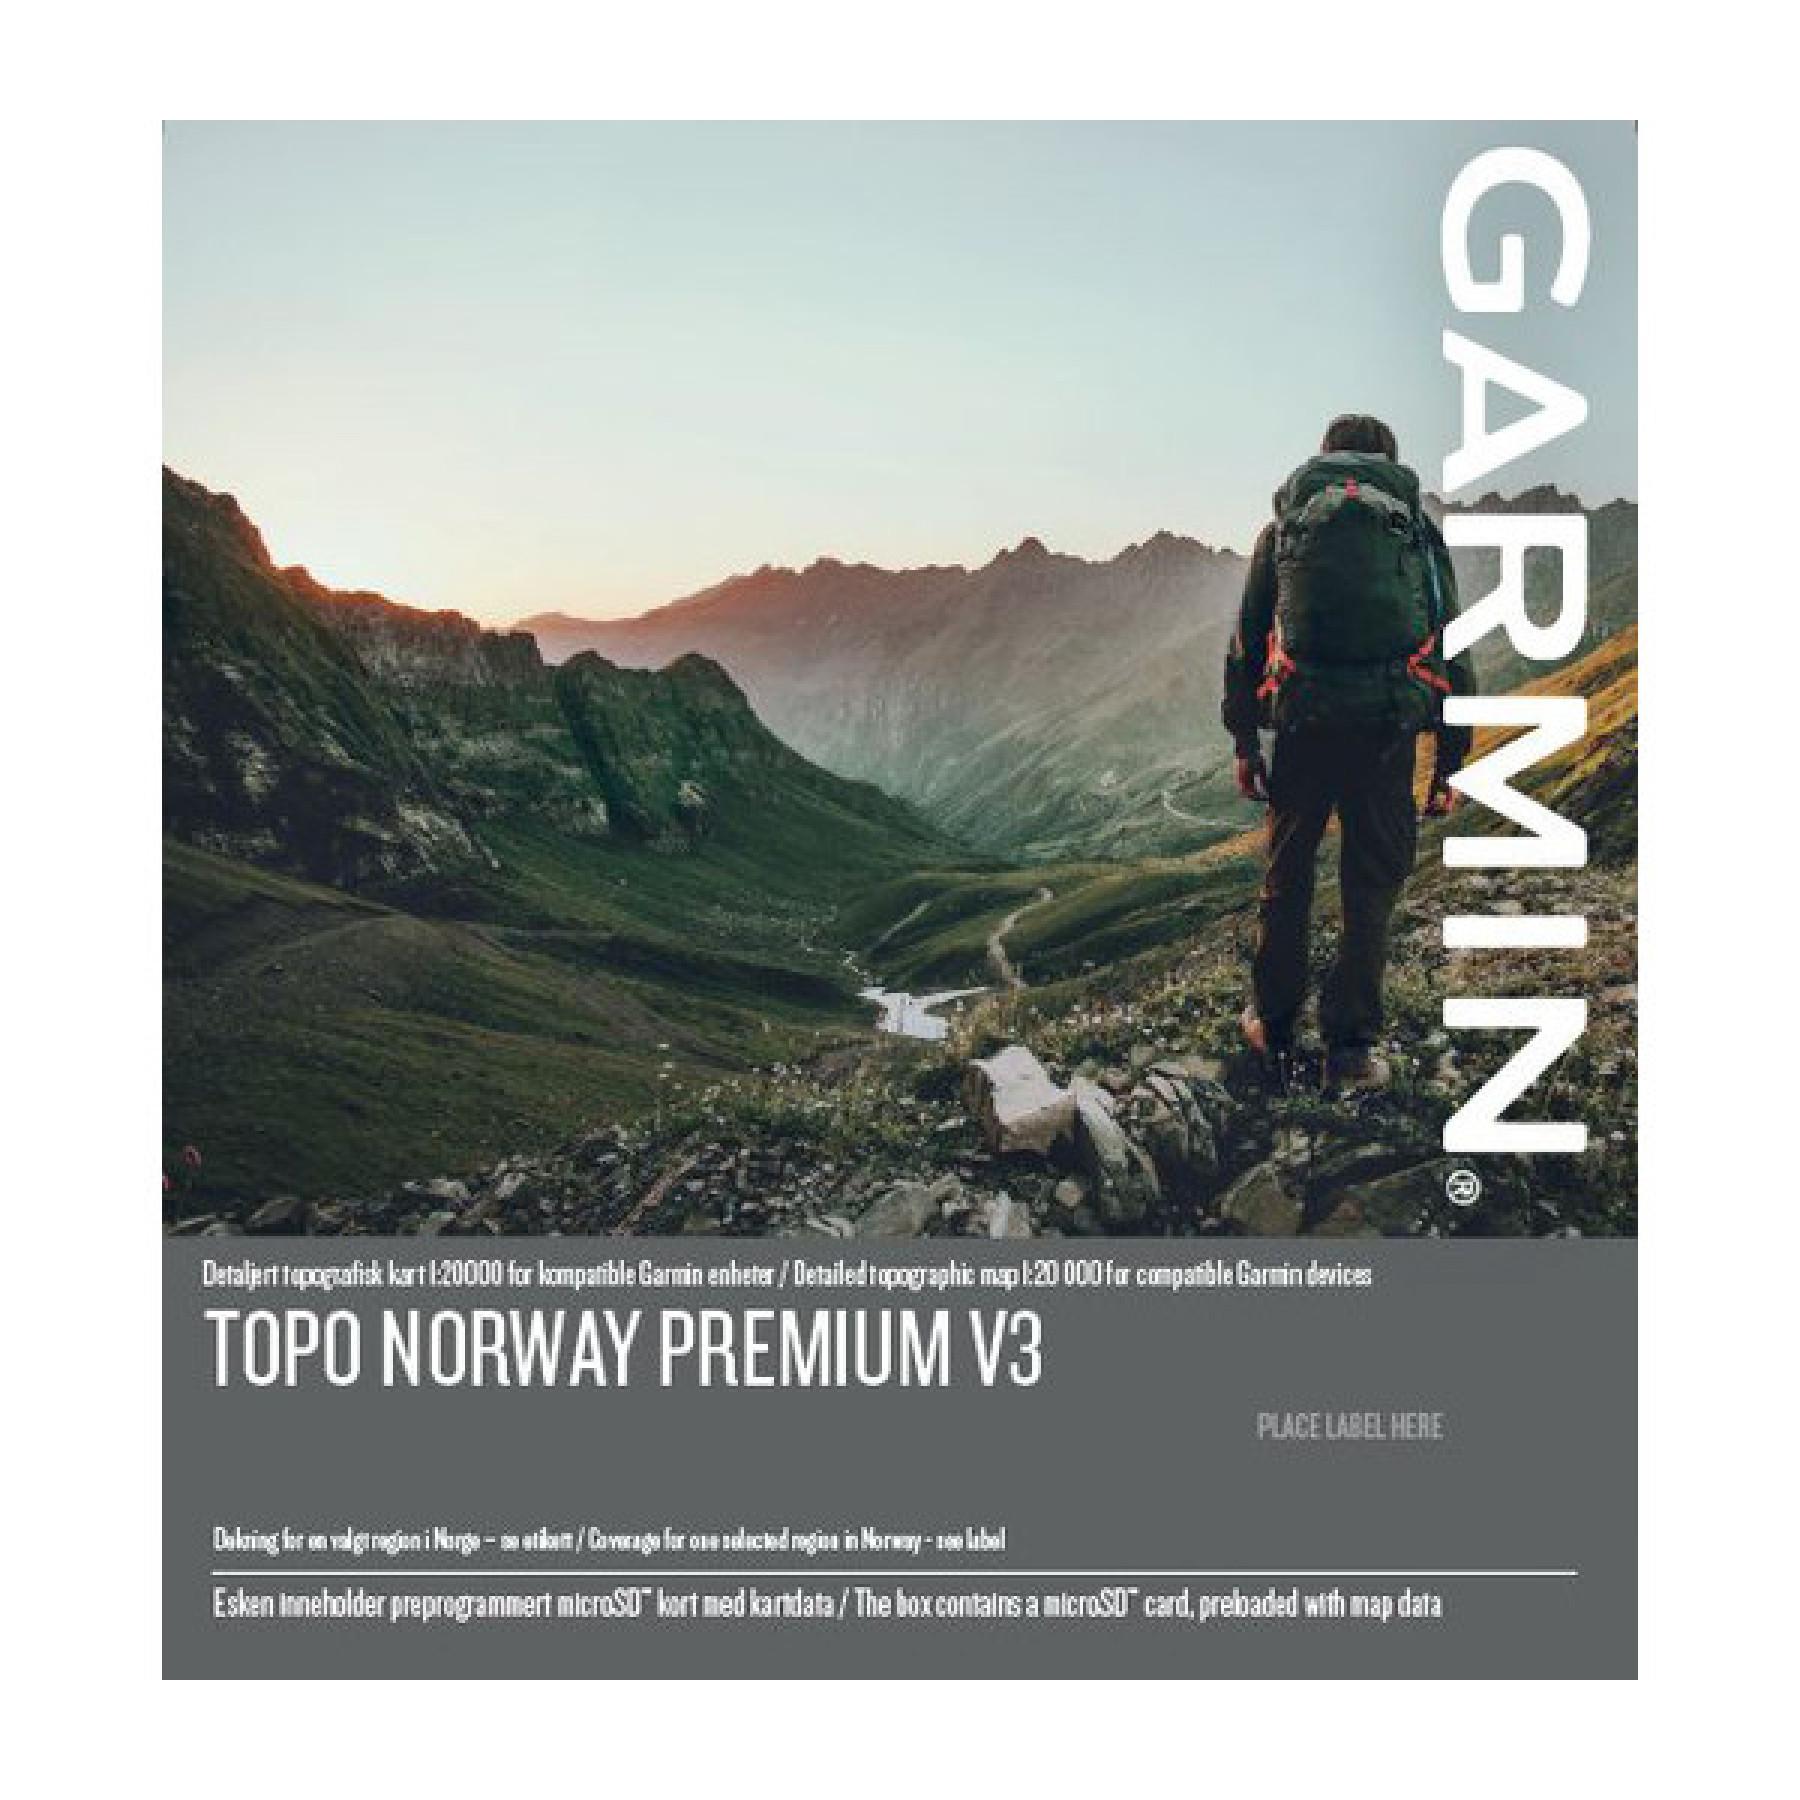 Garmin Topo Premium V3 8 Nordland Nord Fjellsport No